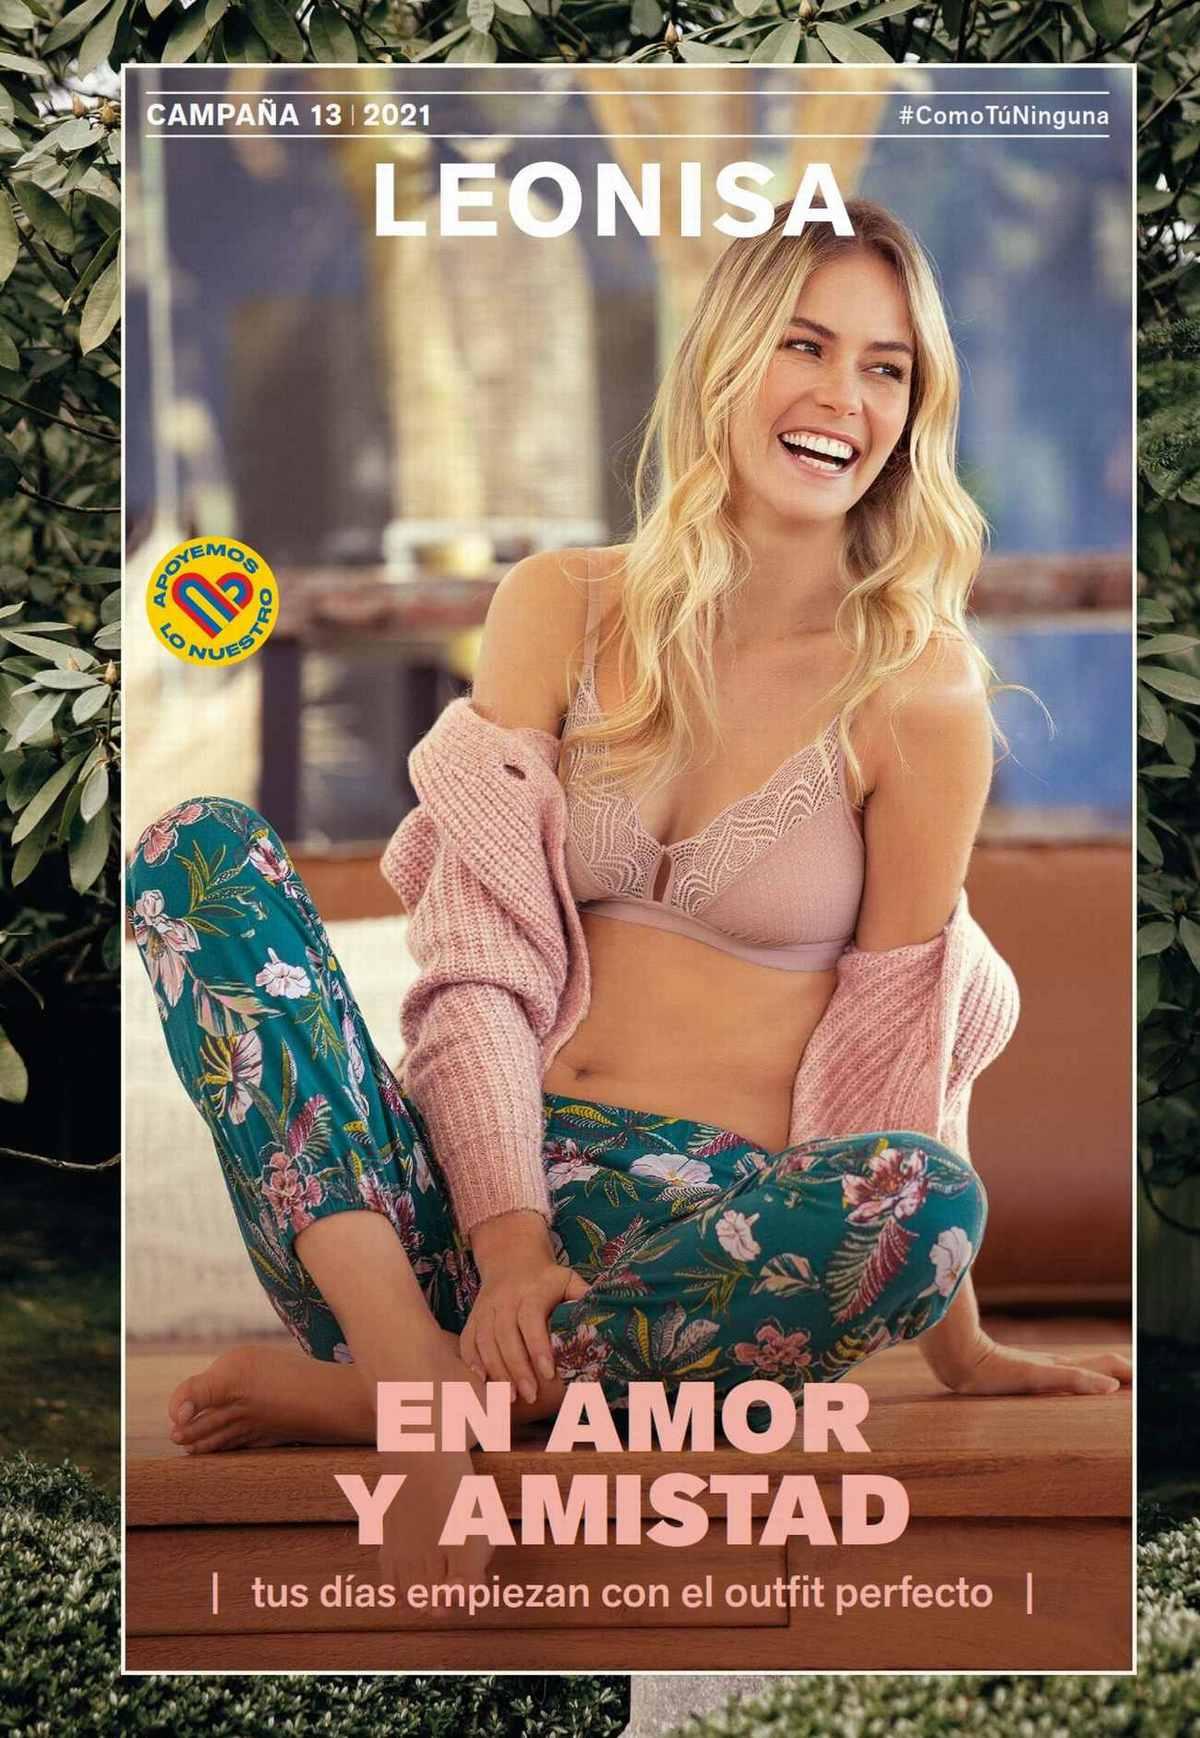 Catálogo Leonisa Campaña 13 2021 Colombia